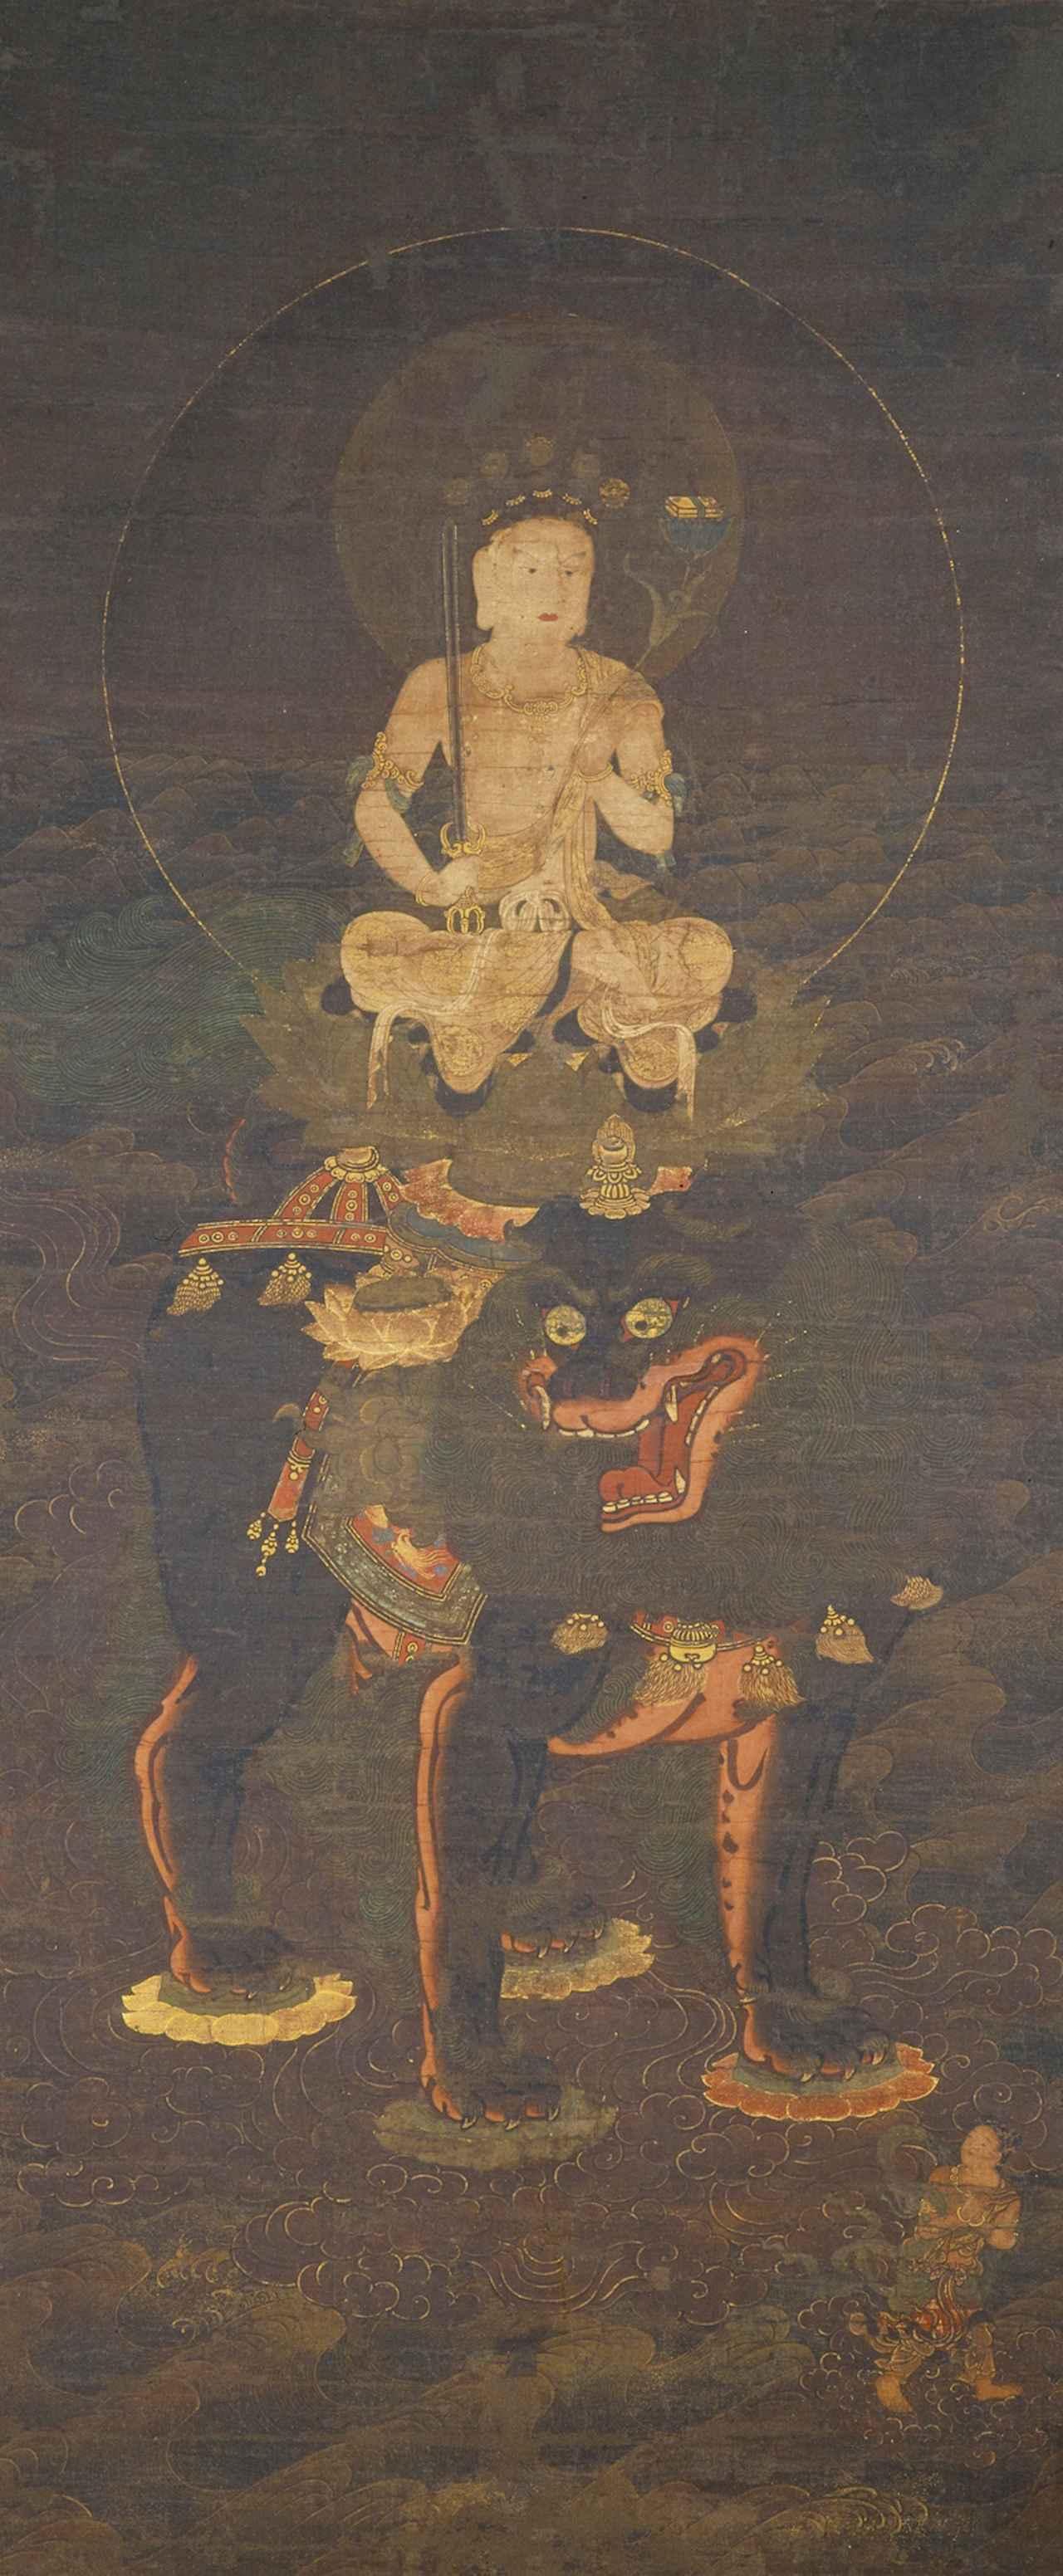 画像: 文殊菩薩渡海図 鎌倉時代・14世紀 泉屋博古館所蔵